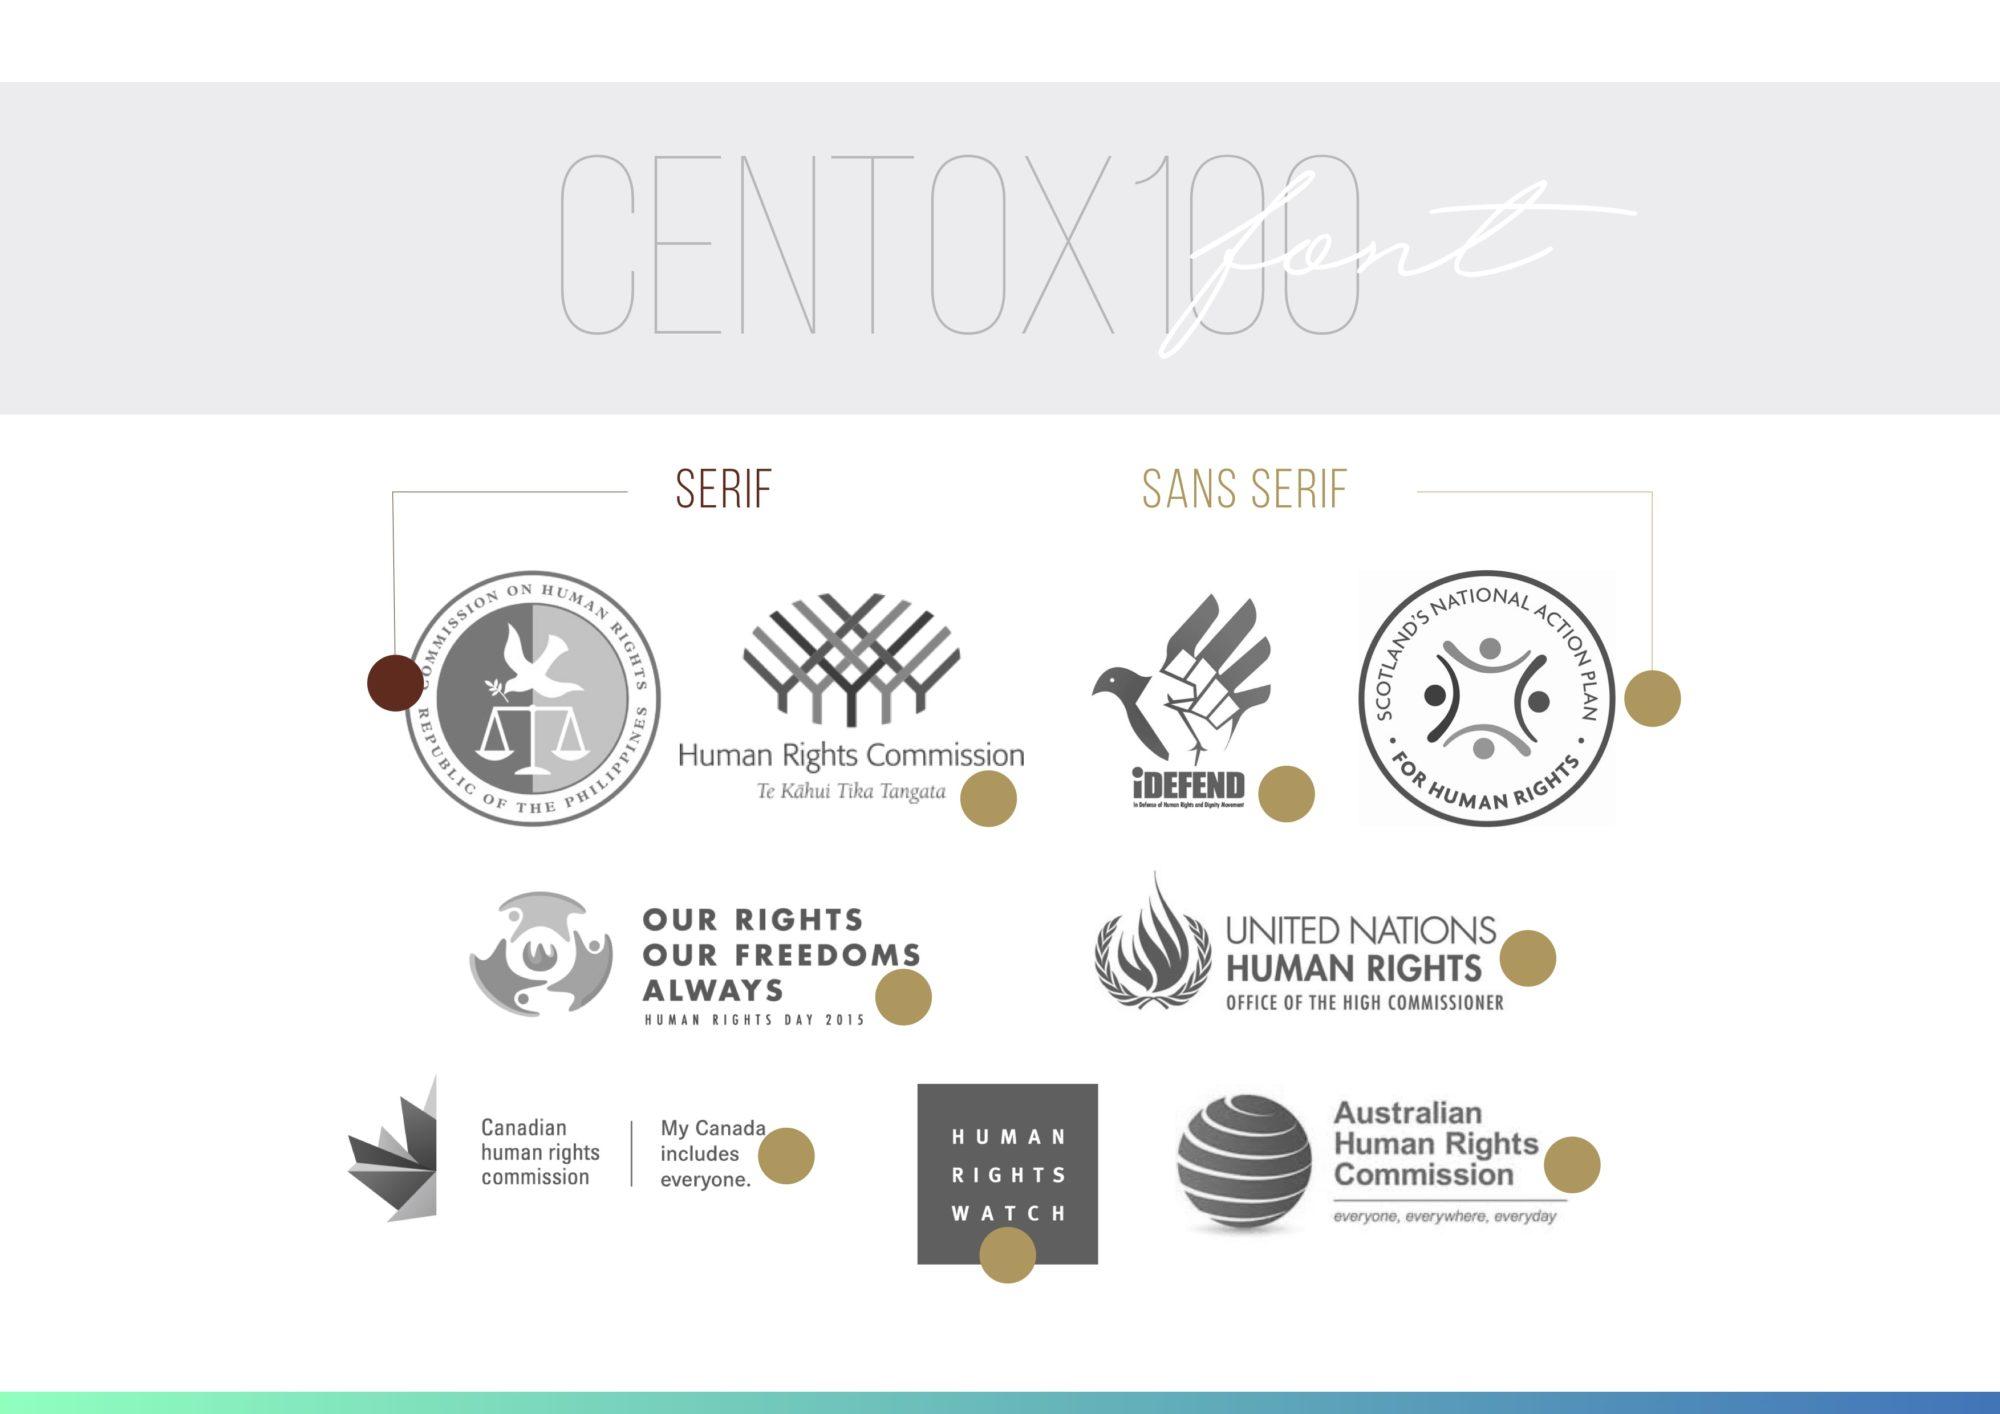 CentoX1005